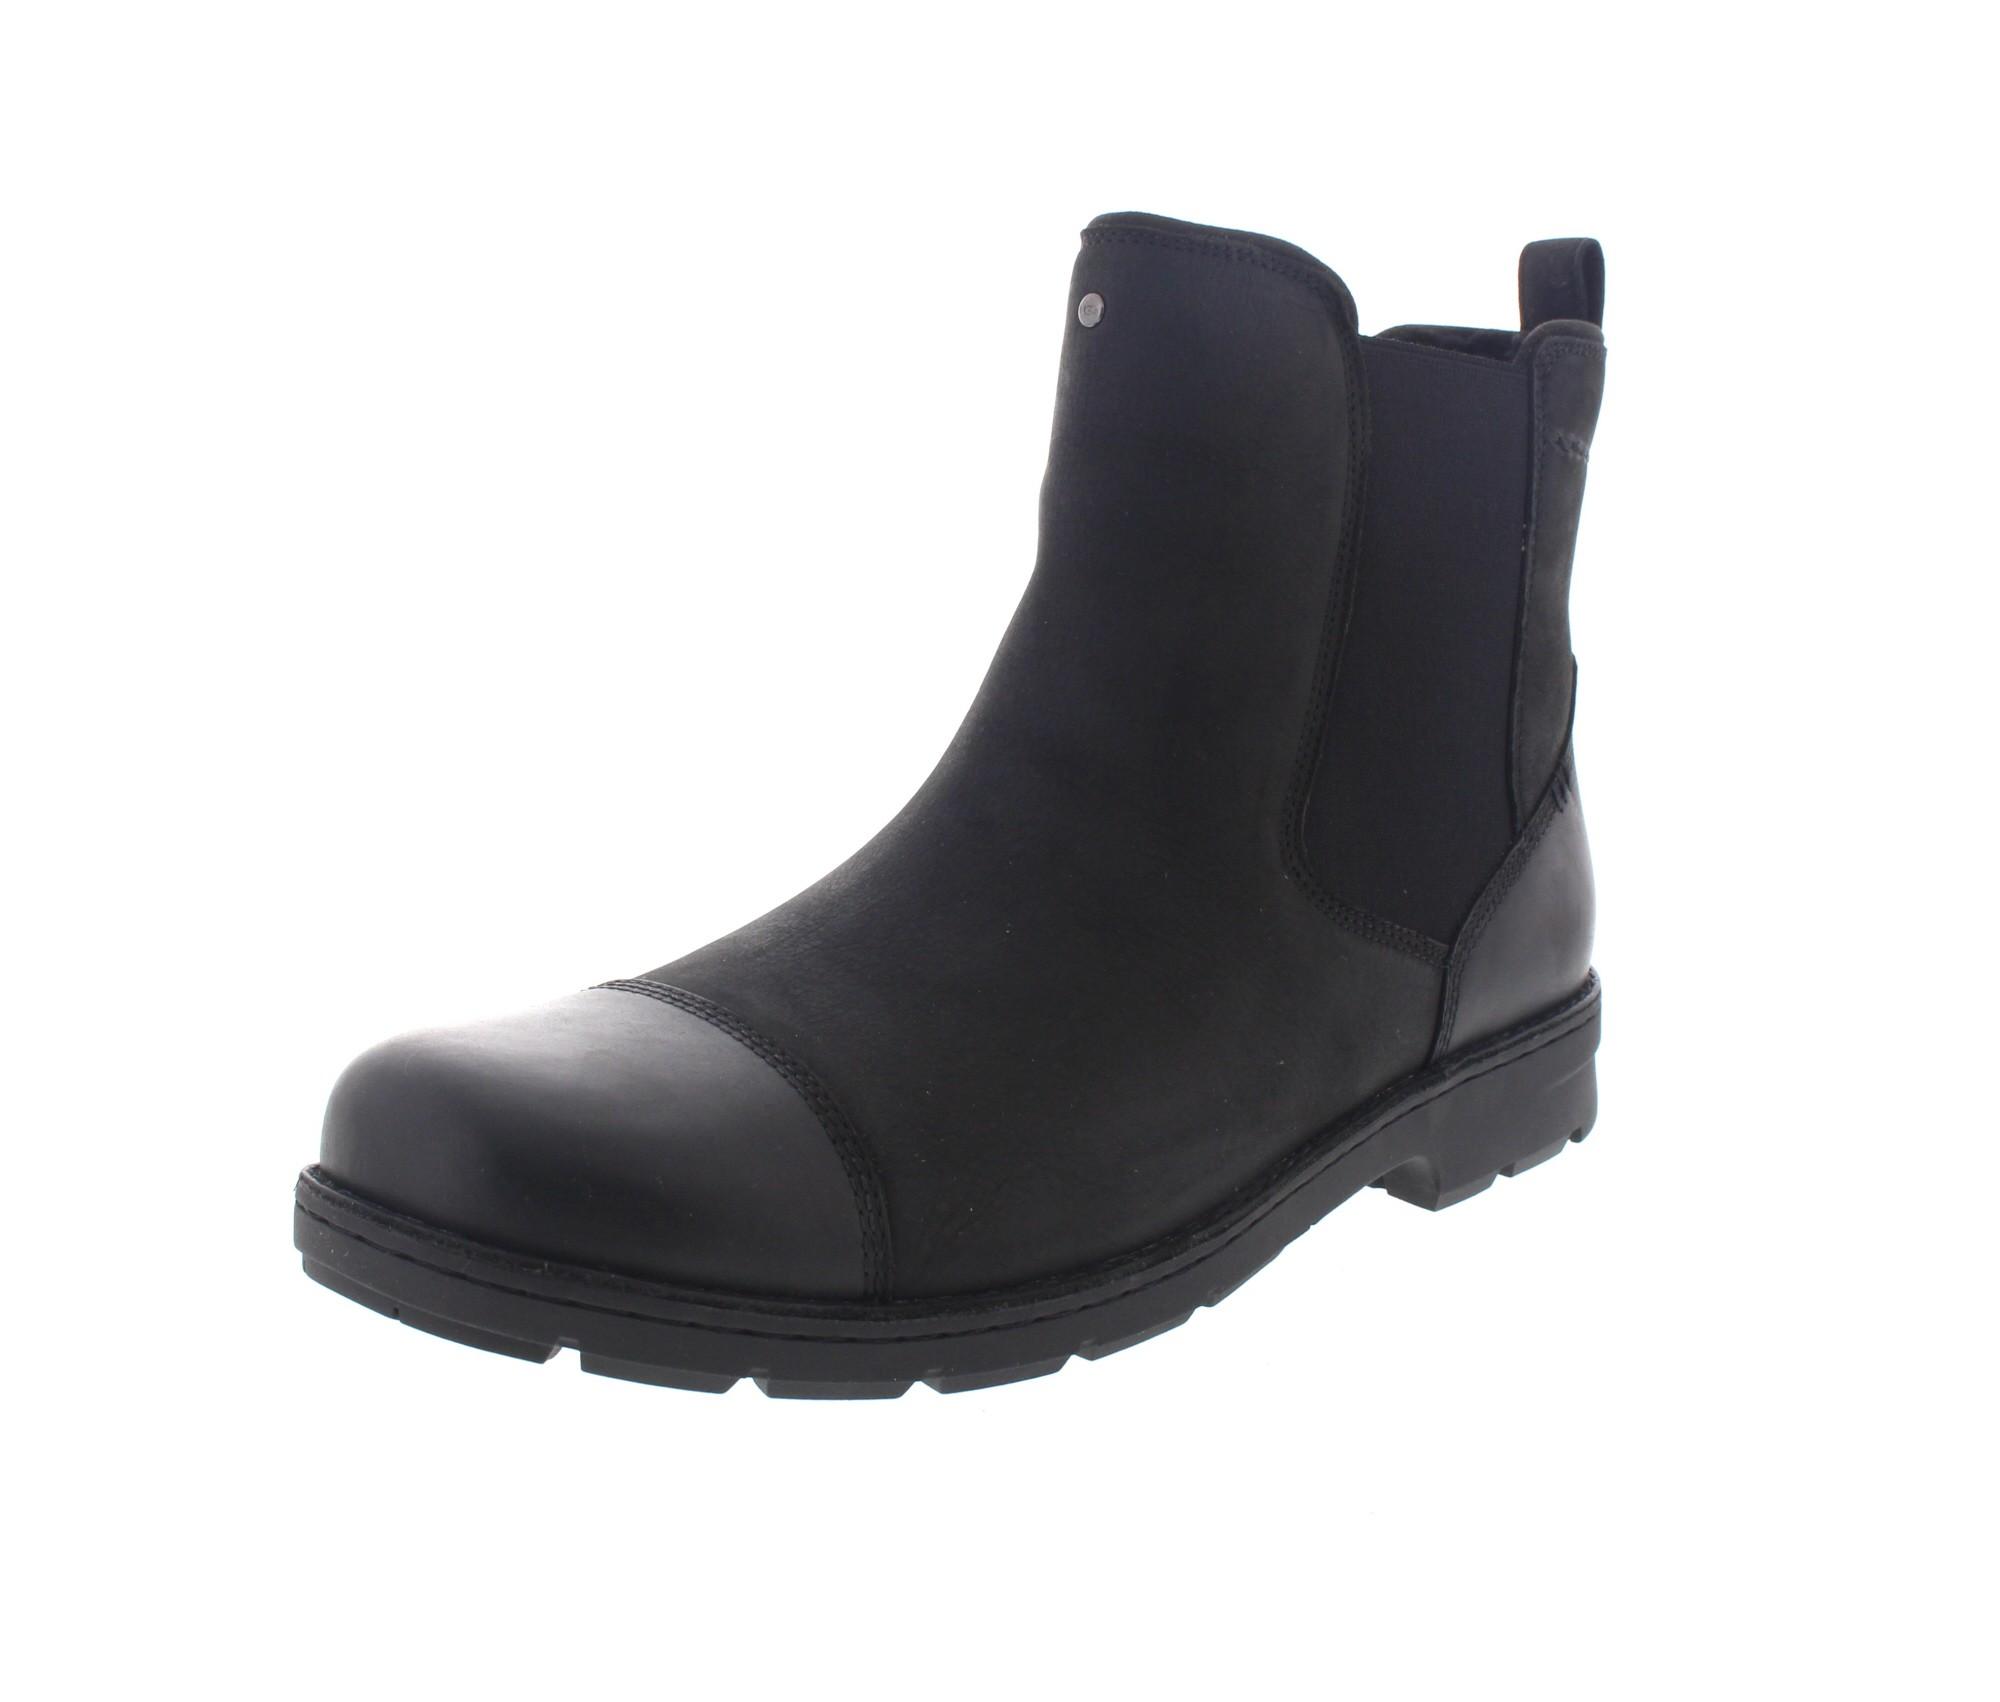 UGG in Übergrößen - Herren-Boots RUNYON 1011561 - black